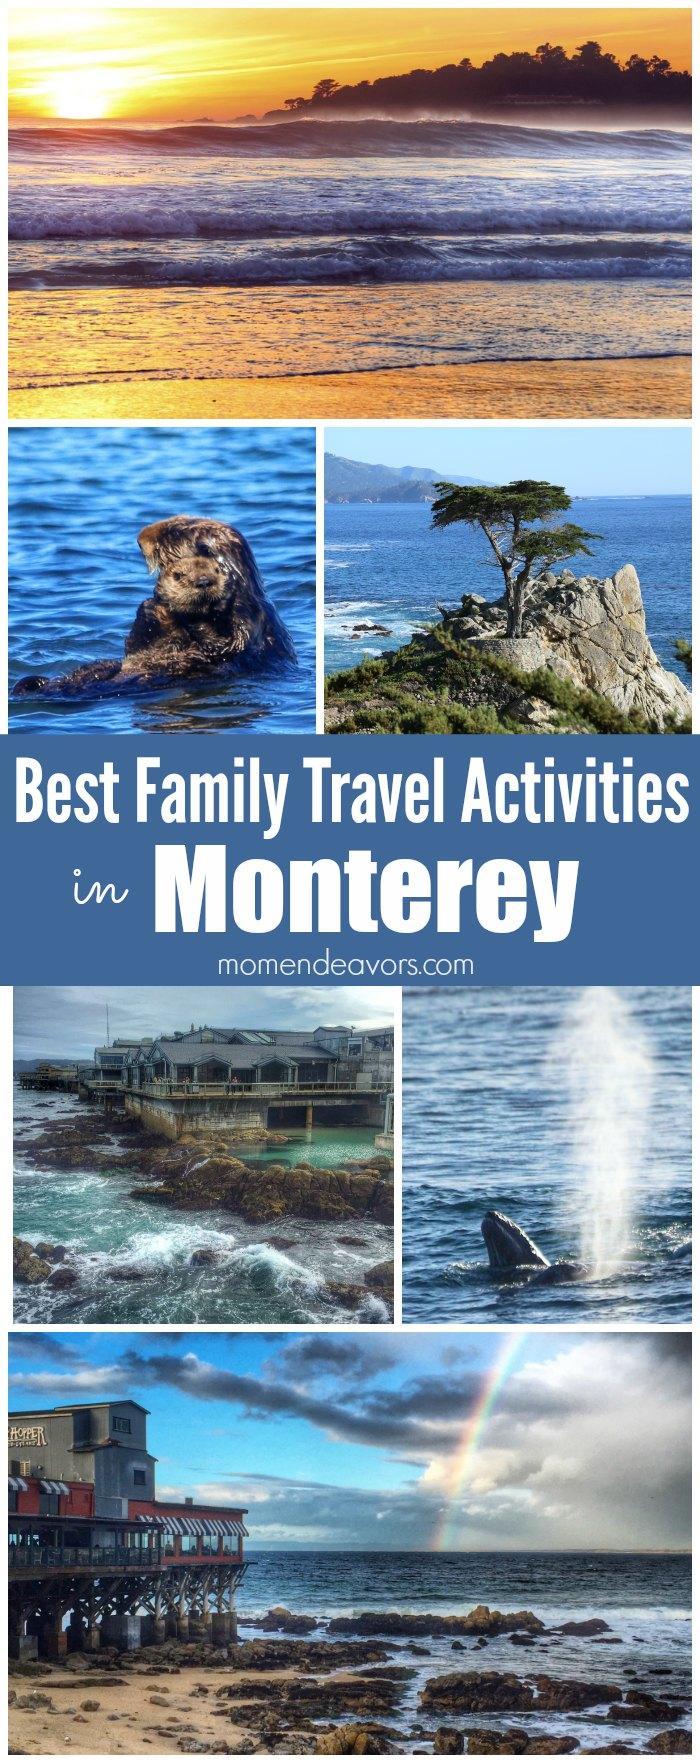 Best Family Travel Activities in Monterey